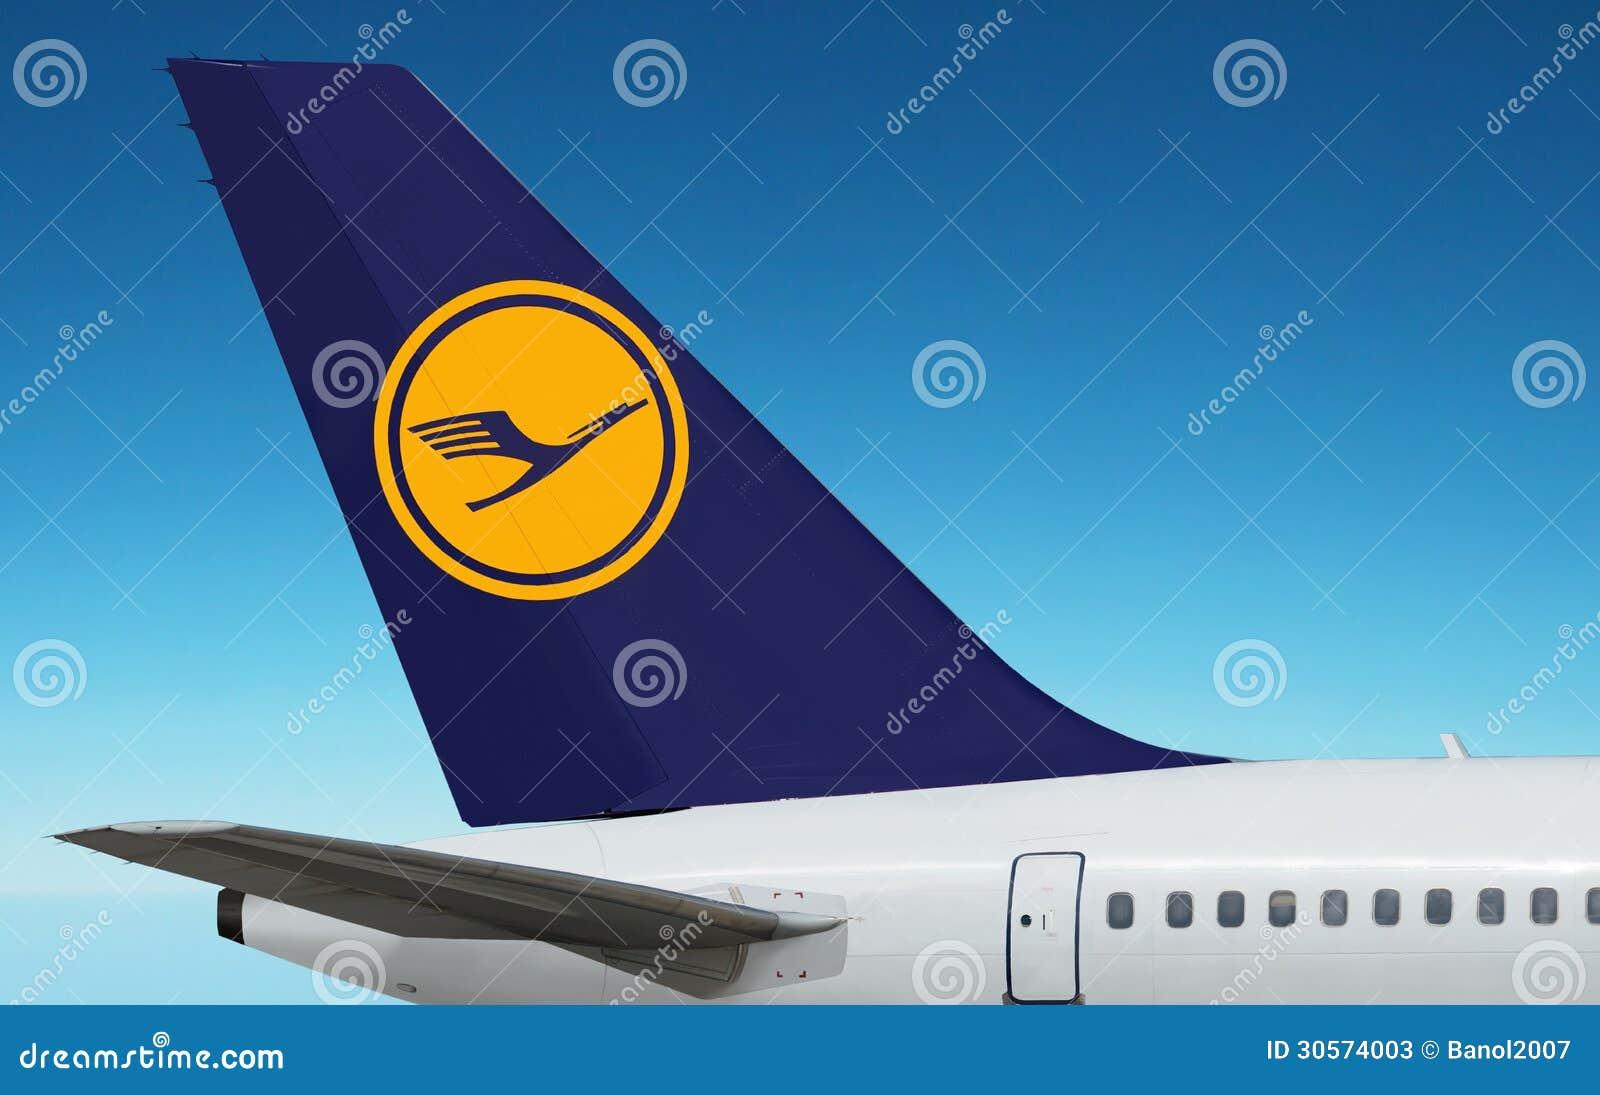 Duits De Luchtvaartlijnenembleem Van Lufthansa, Vliegtuig ...